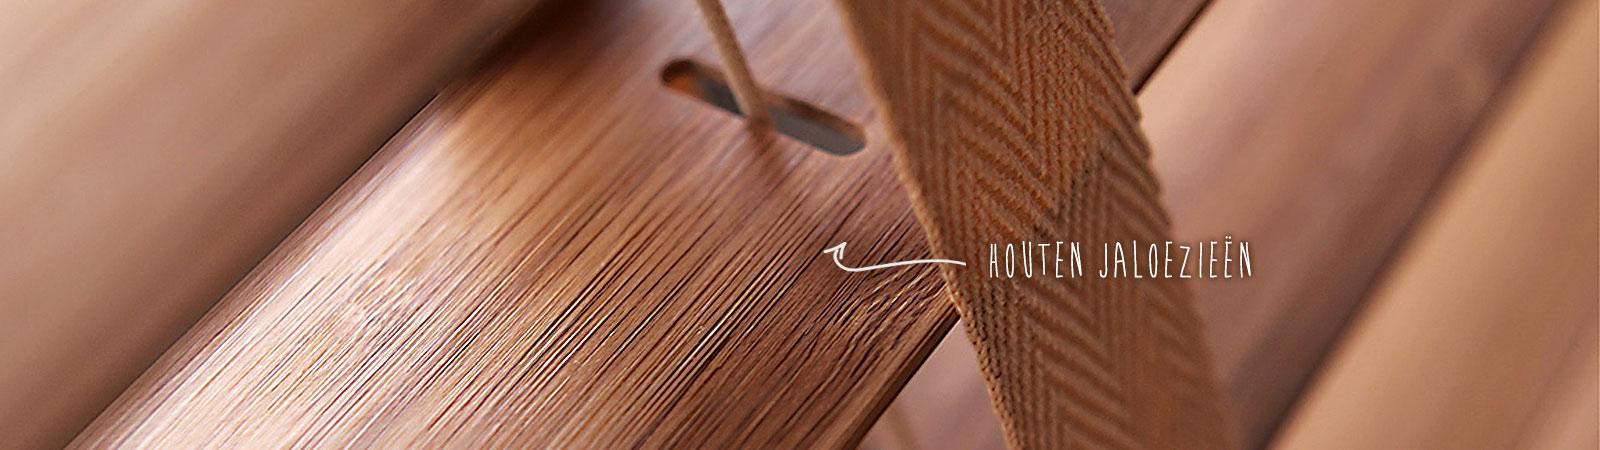 houten jaloezieën actie 4e gratis van Brabant Tapijt uit Eindhoven